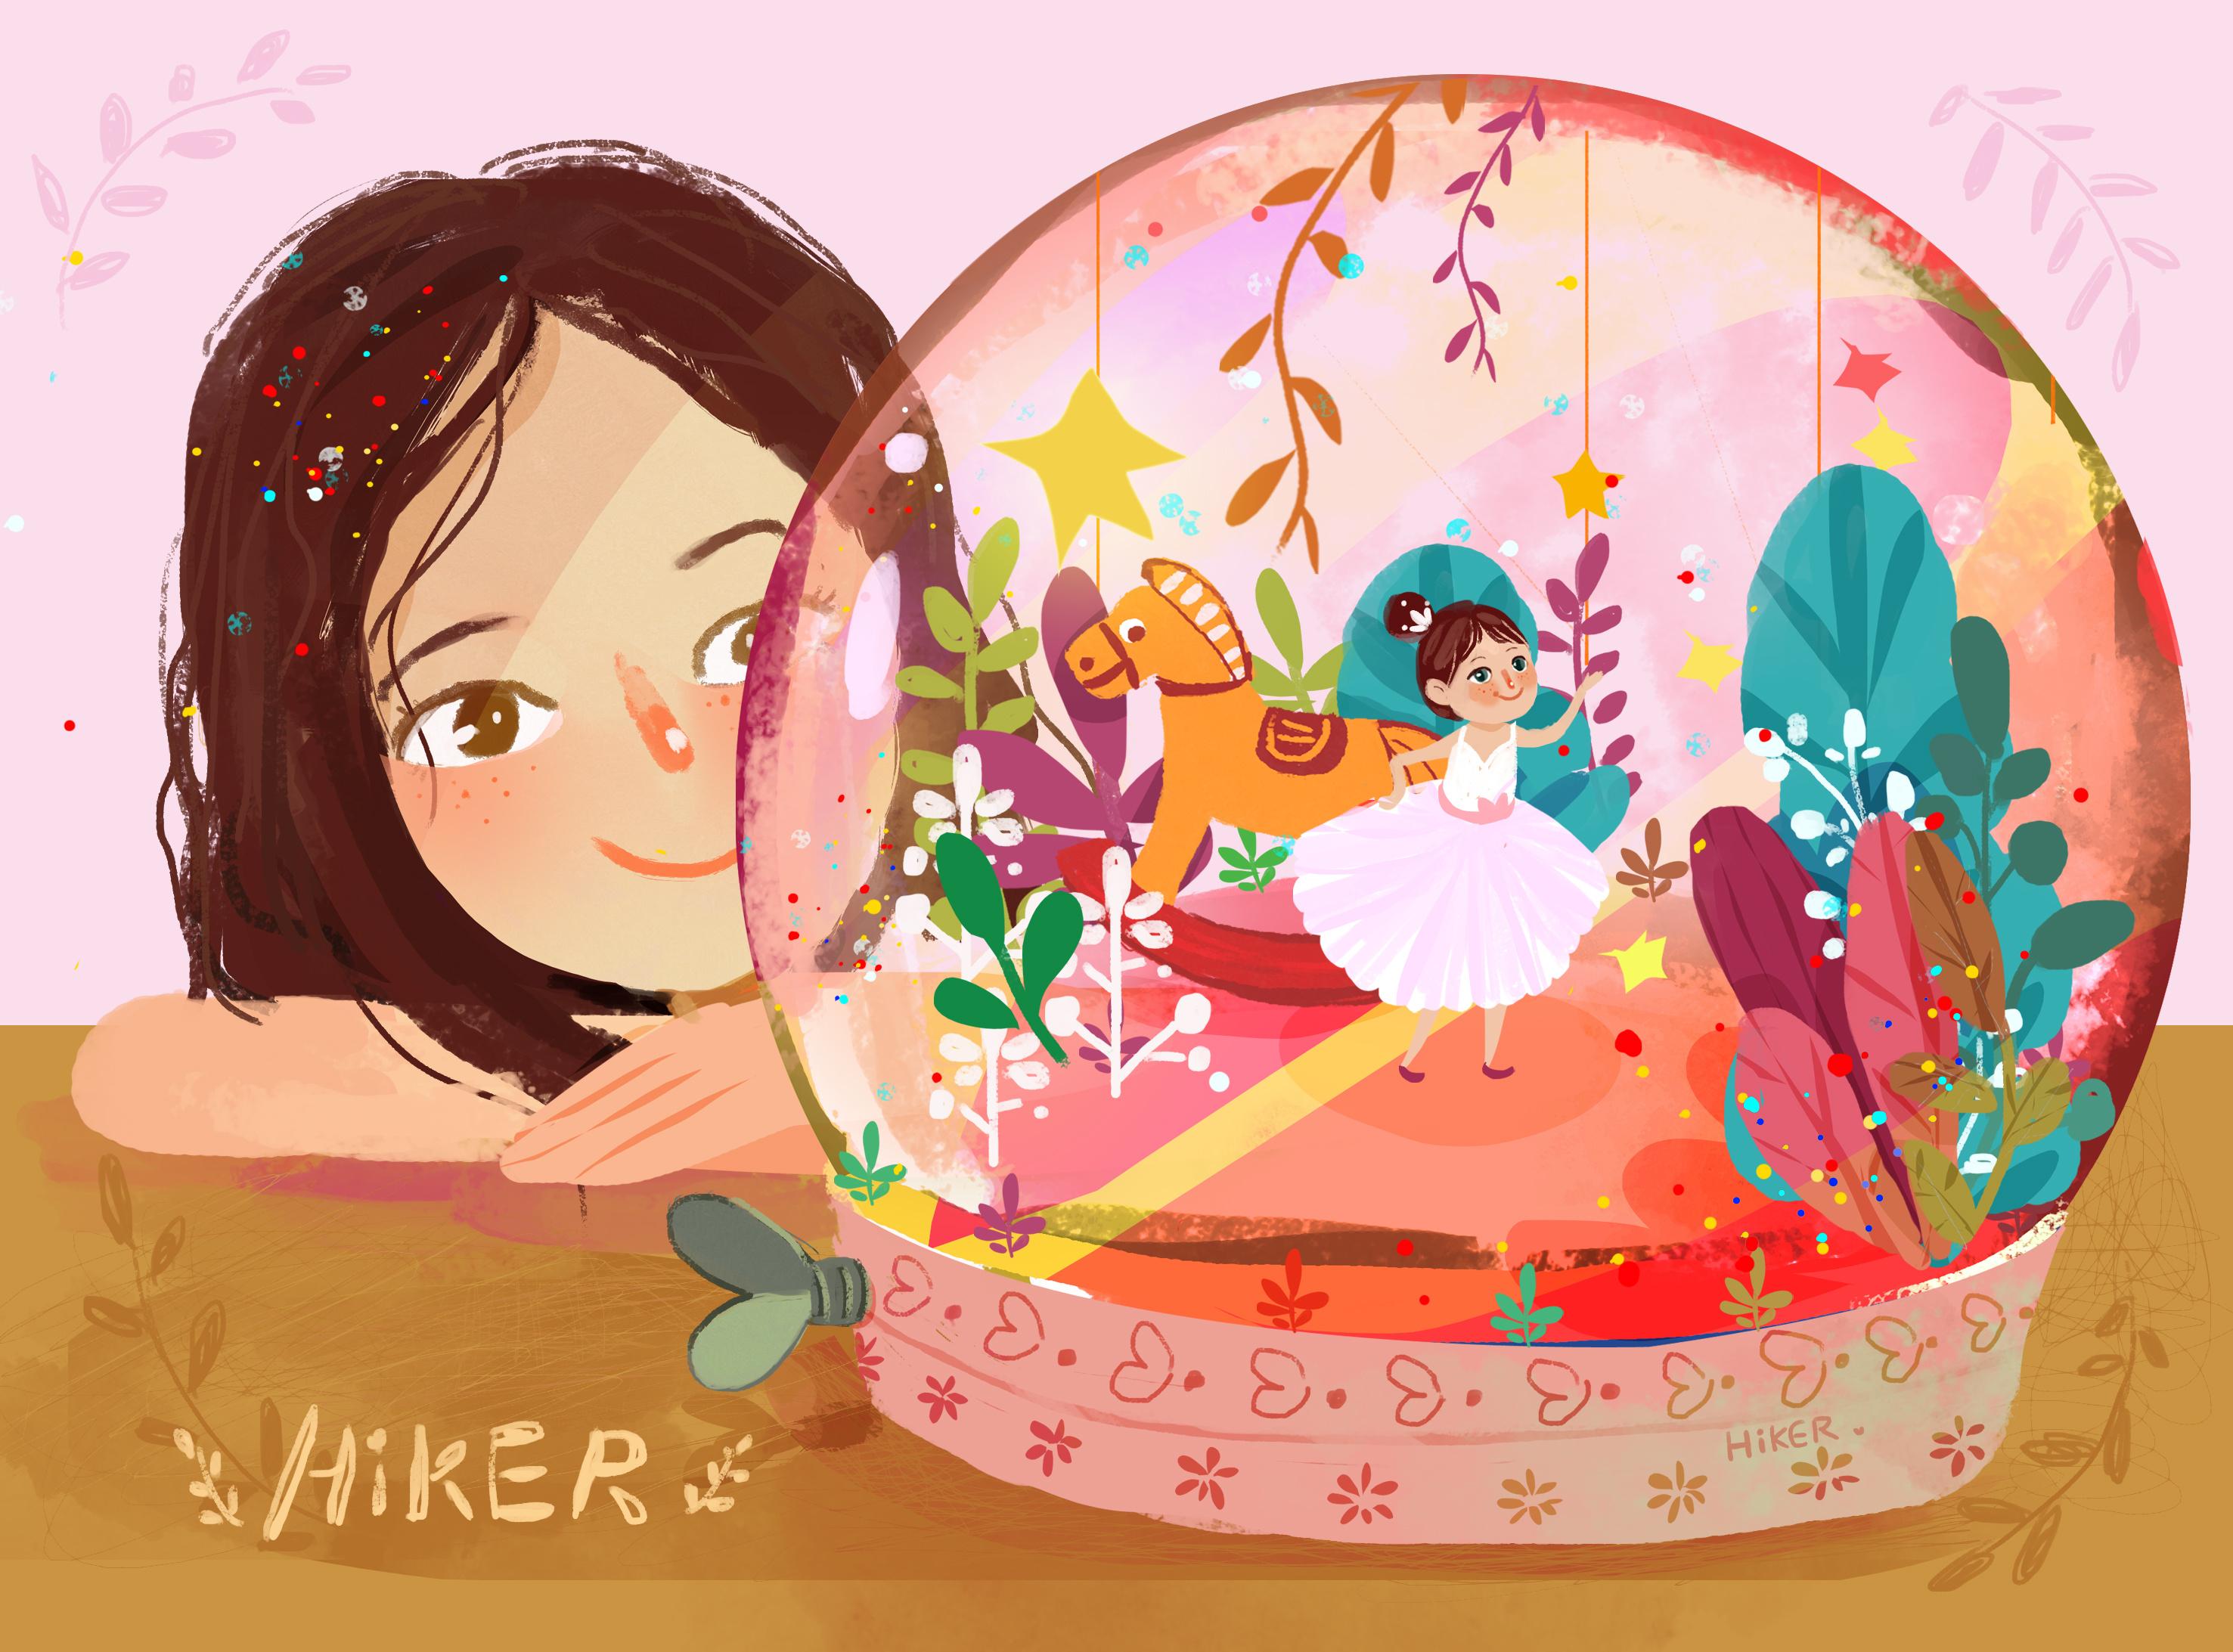 旋转在水晶球里的女孩图片